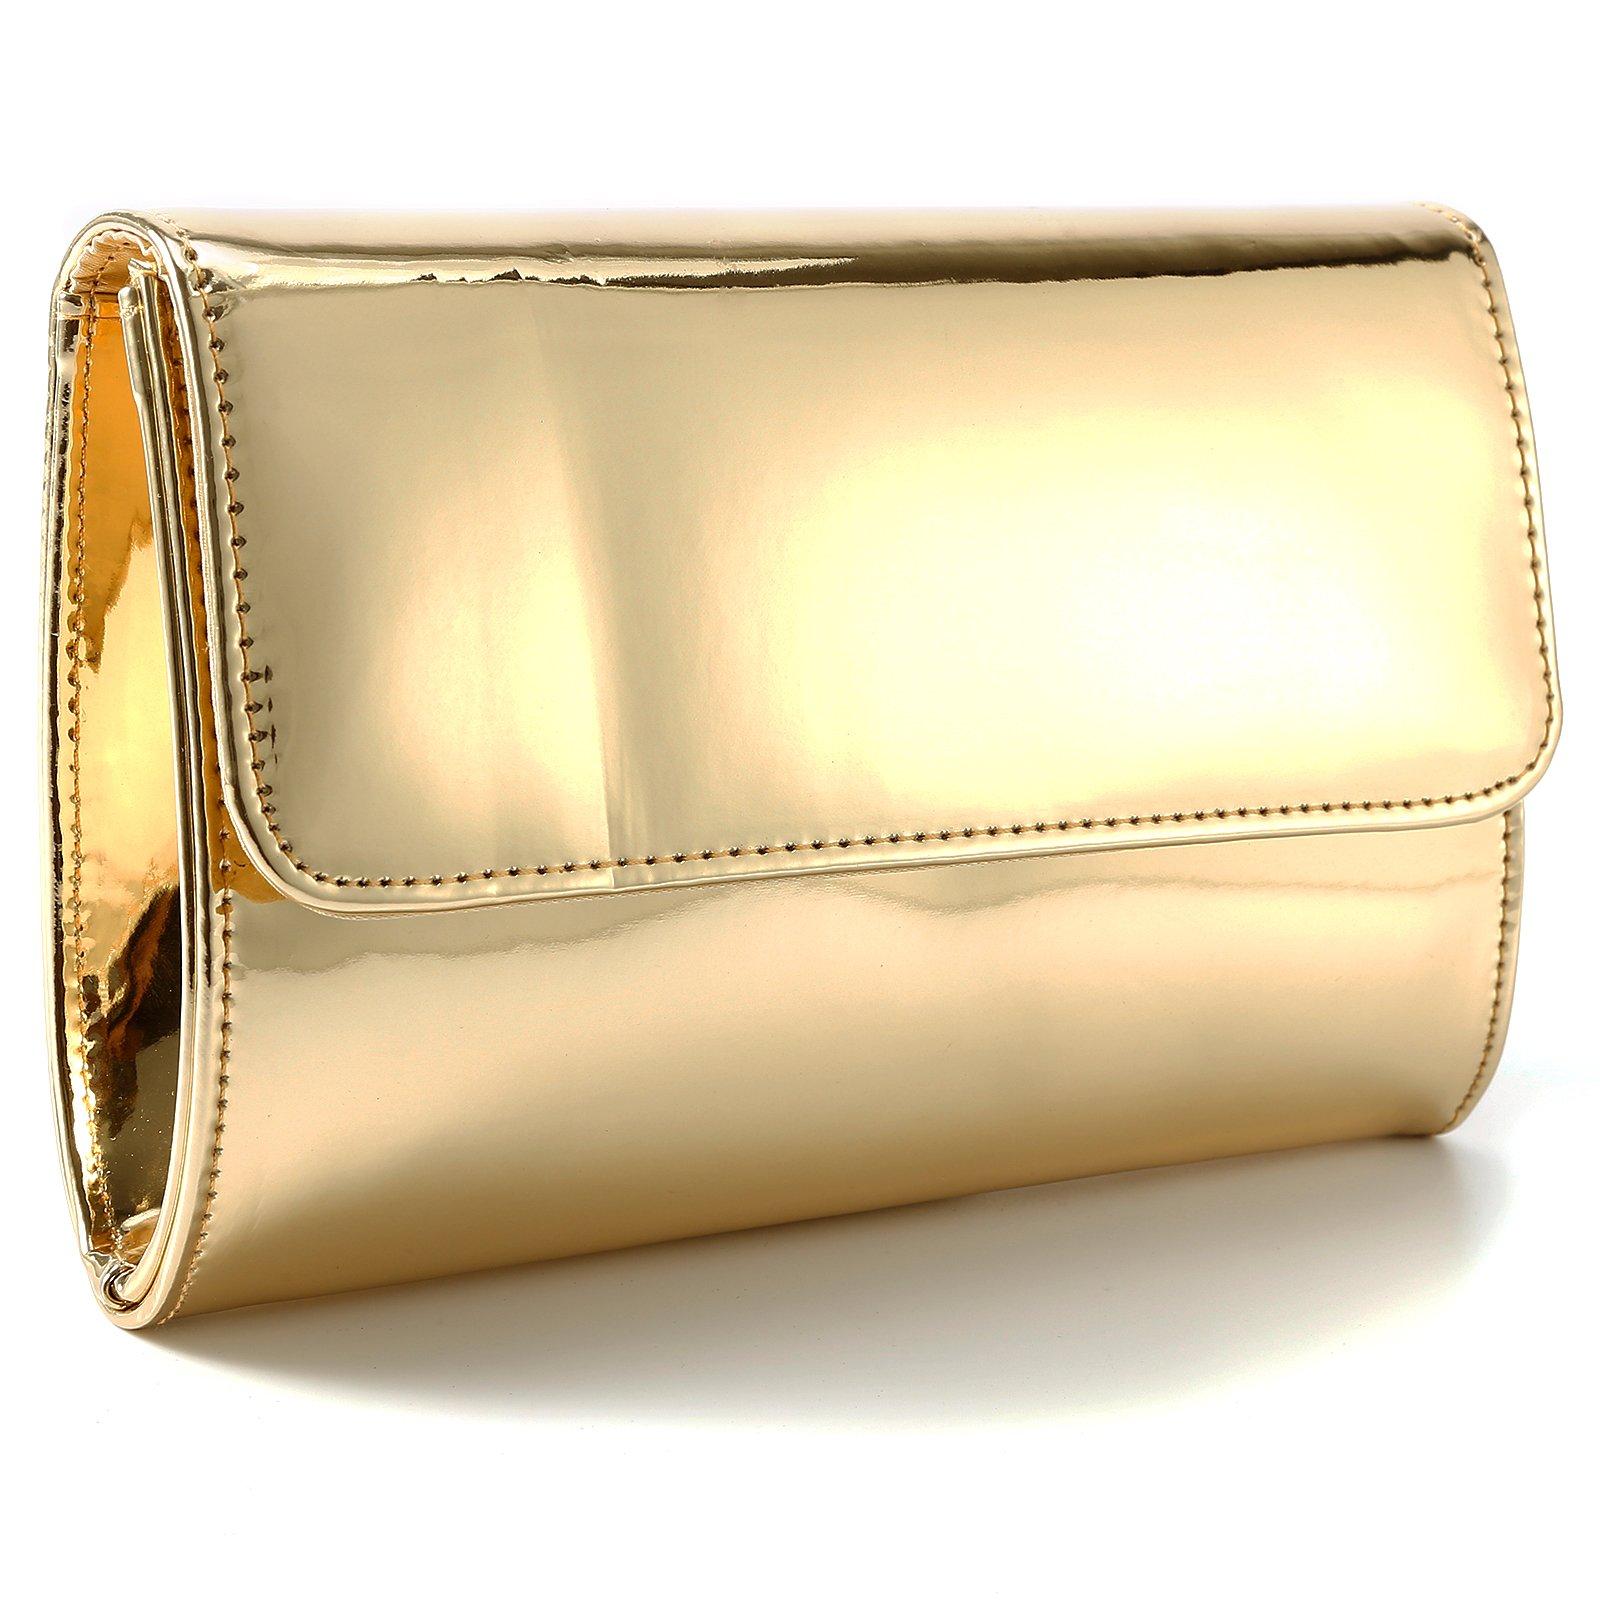 Fraulein38 Designer Mirror Metallic Women Clutch Patent Evening Bag by Fraulein38 (Image #2)